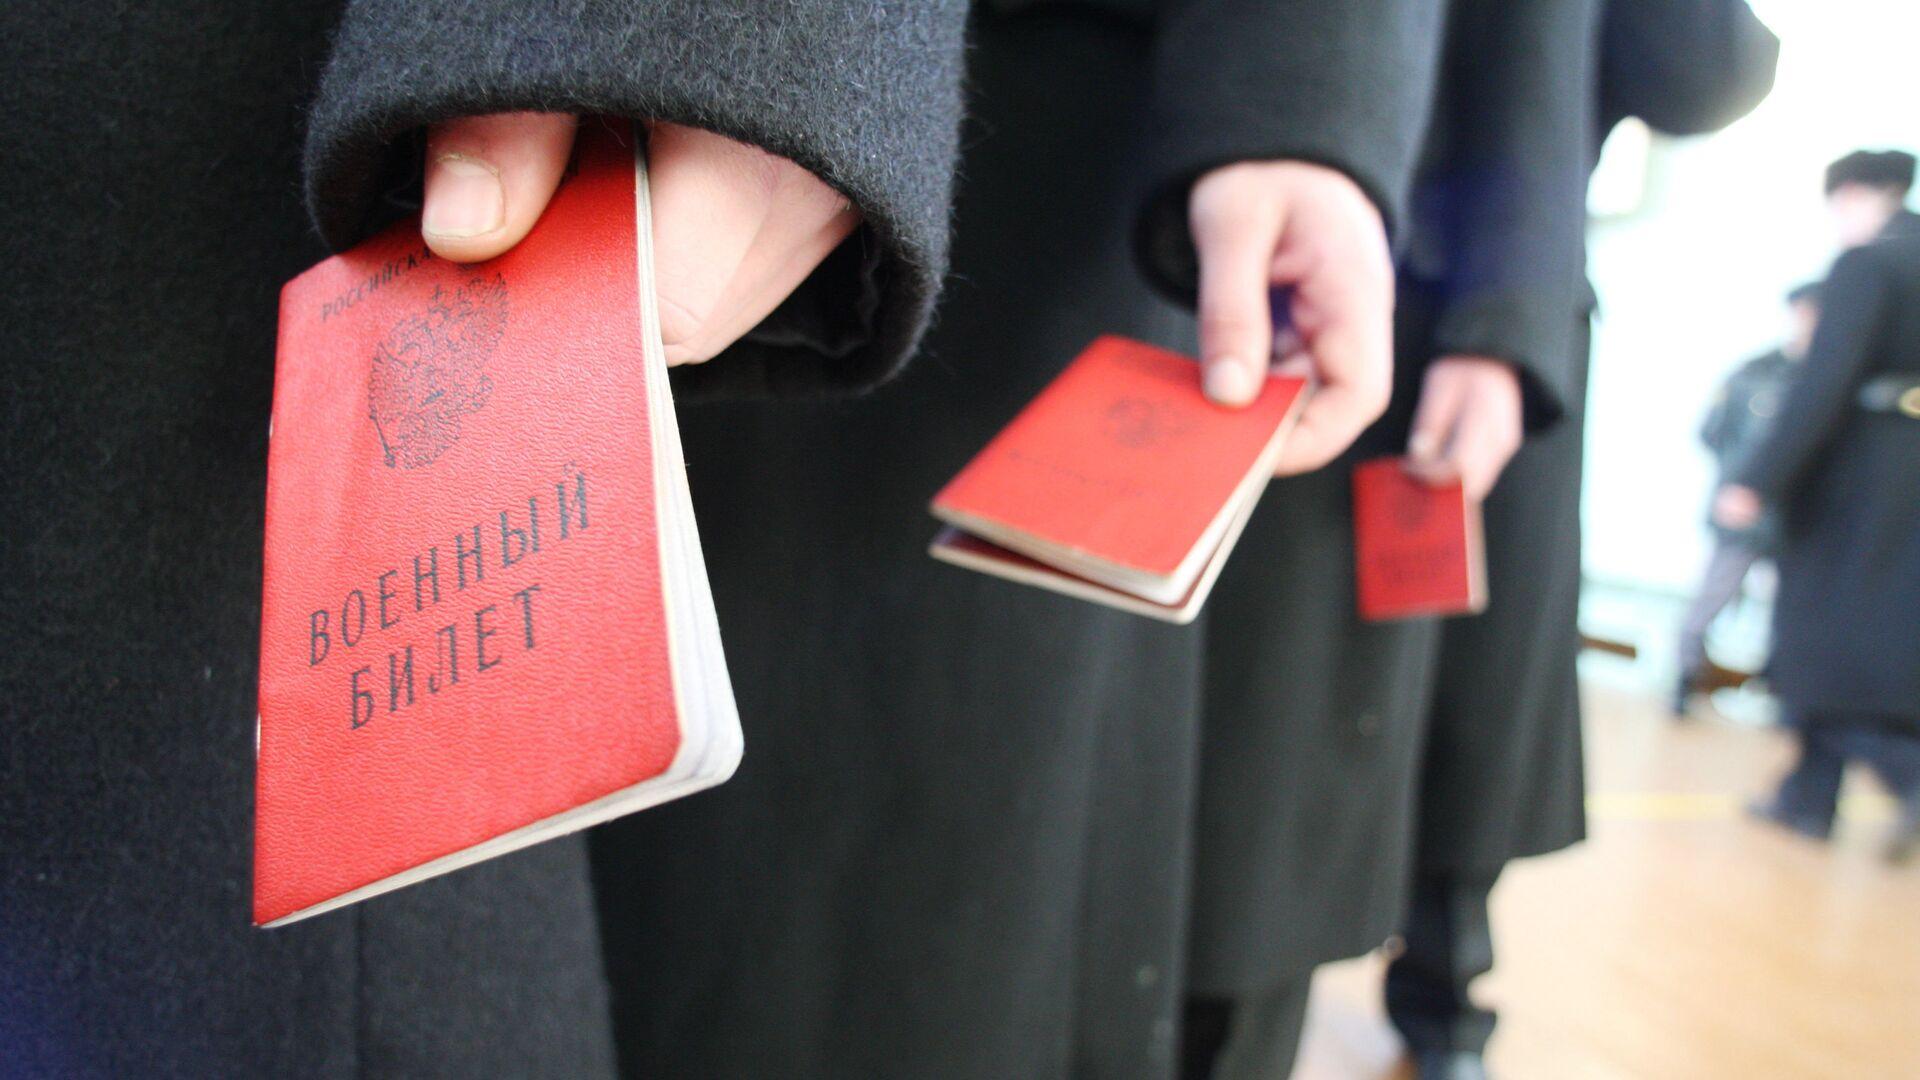 Военнослужащие с военными билетами - РИА Новости, 1920, 29.04.2021